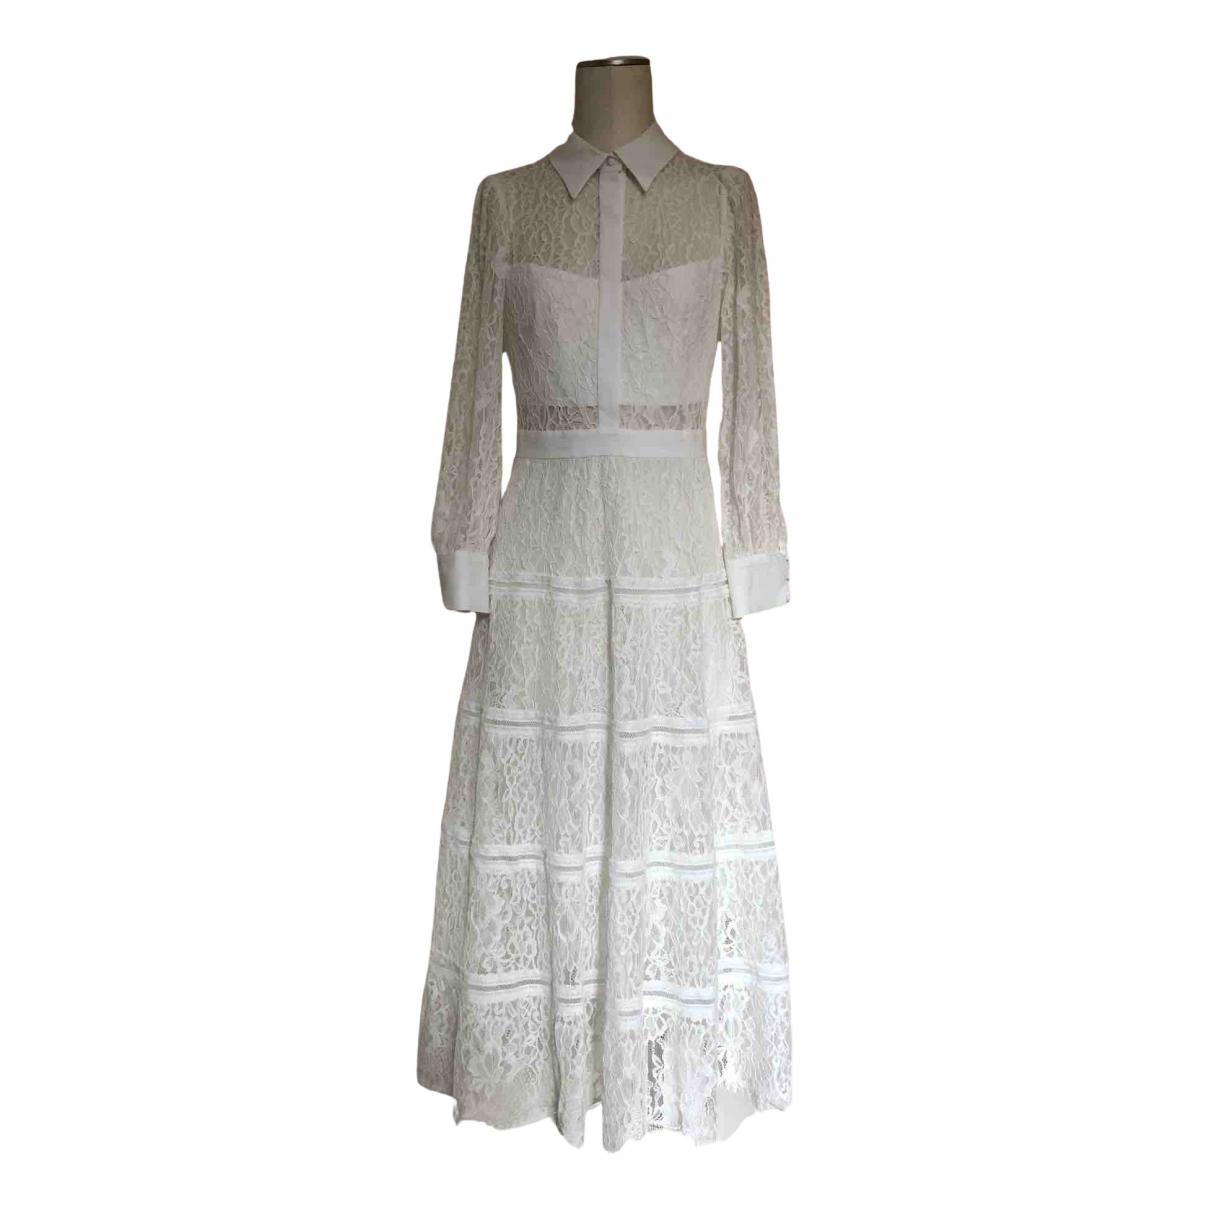 Alice & Olivia N White dress for Women 36 IT